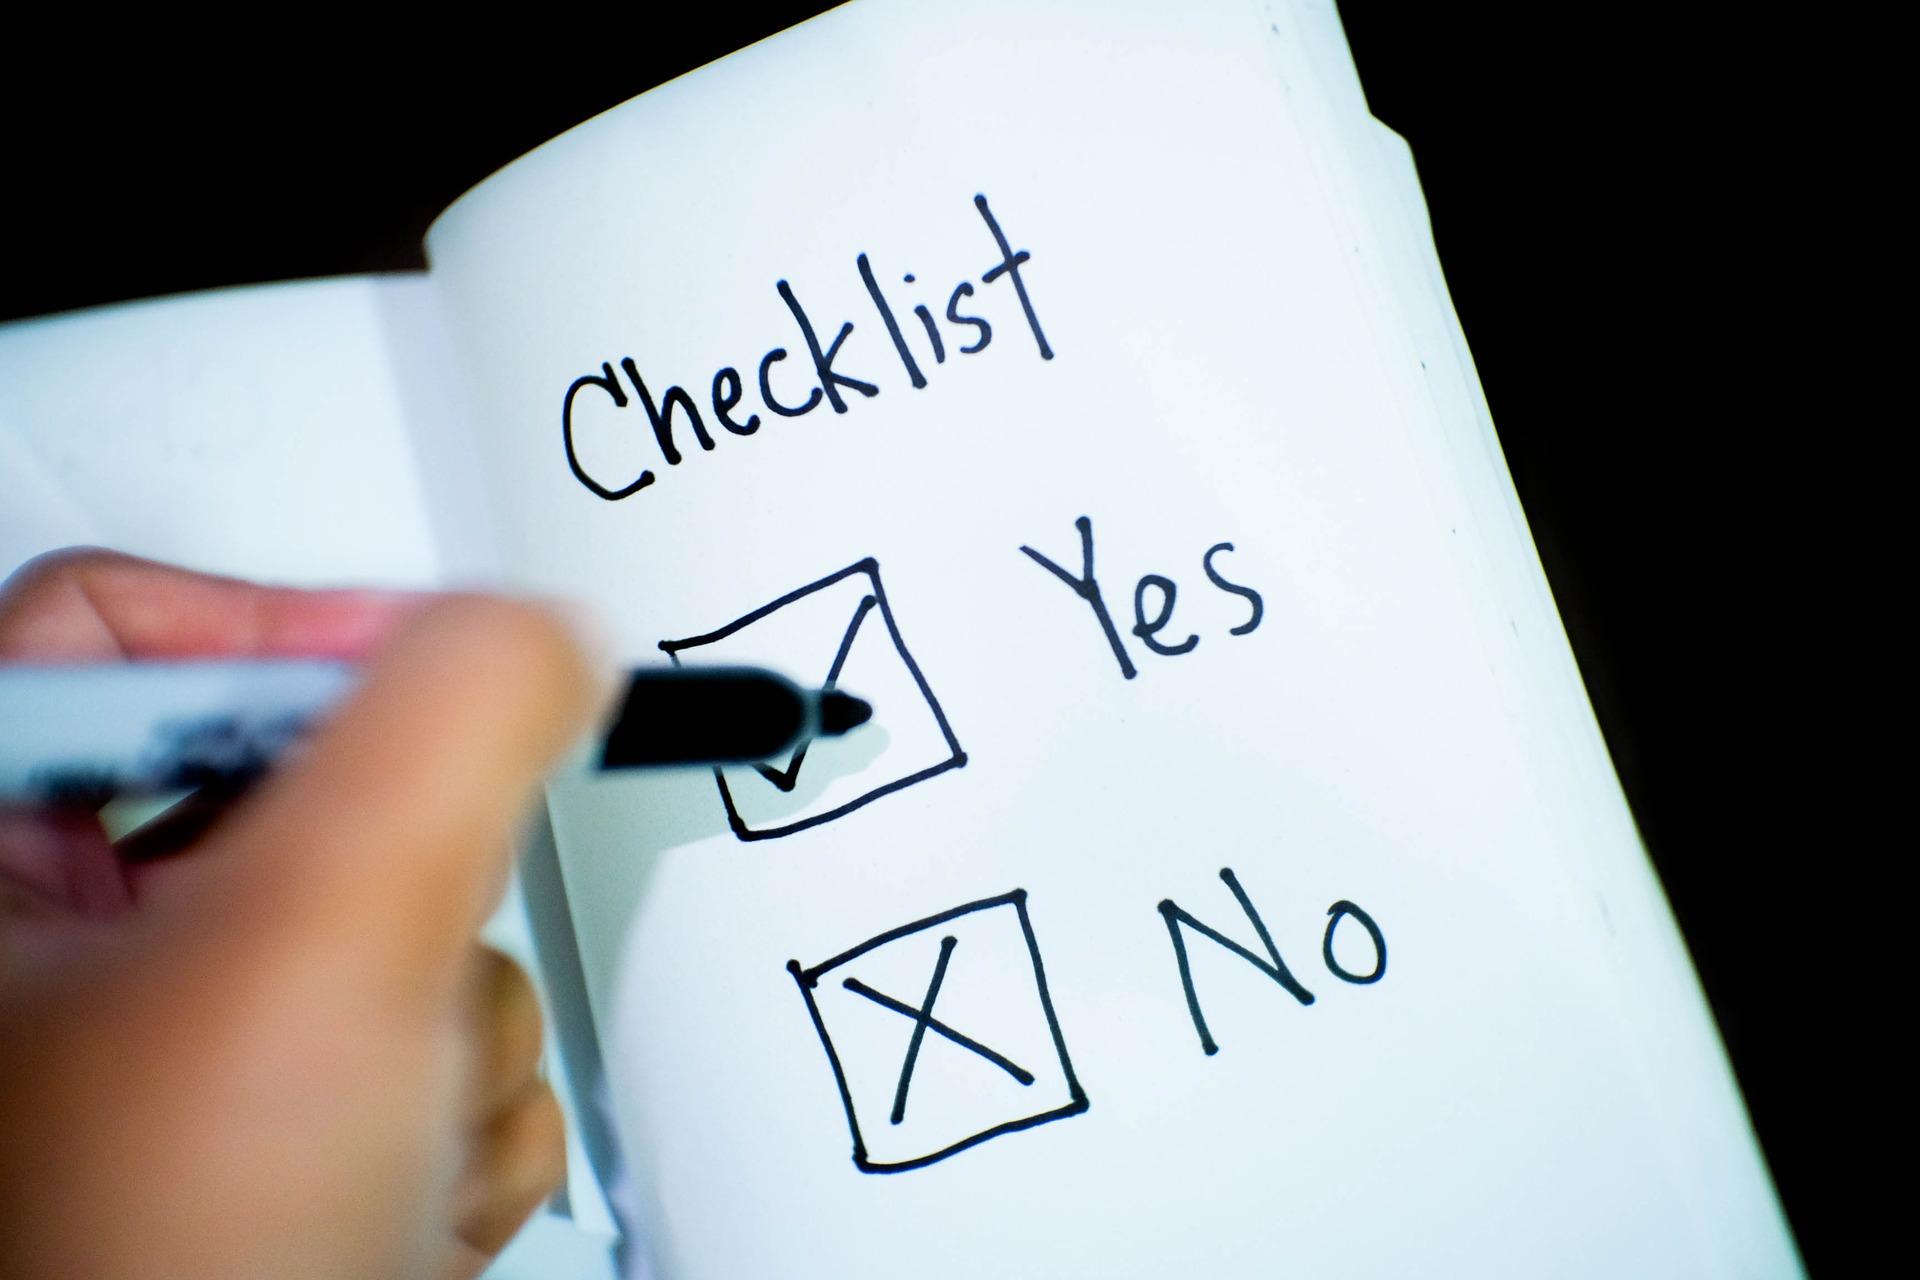 IT-Sicherheitschecks zum Selbermachen - Symbolbild: Methawee Krasaeden via Pixabay,